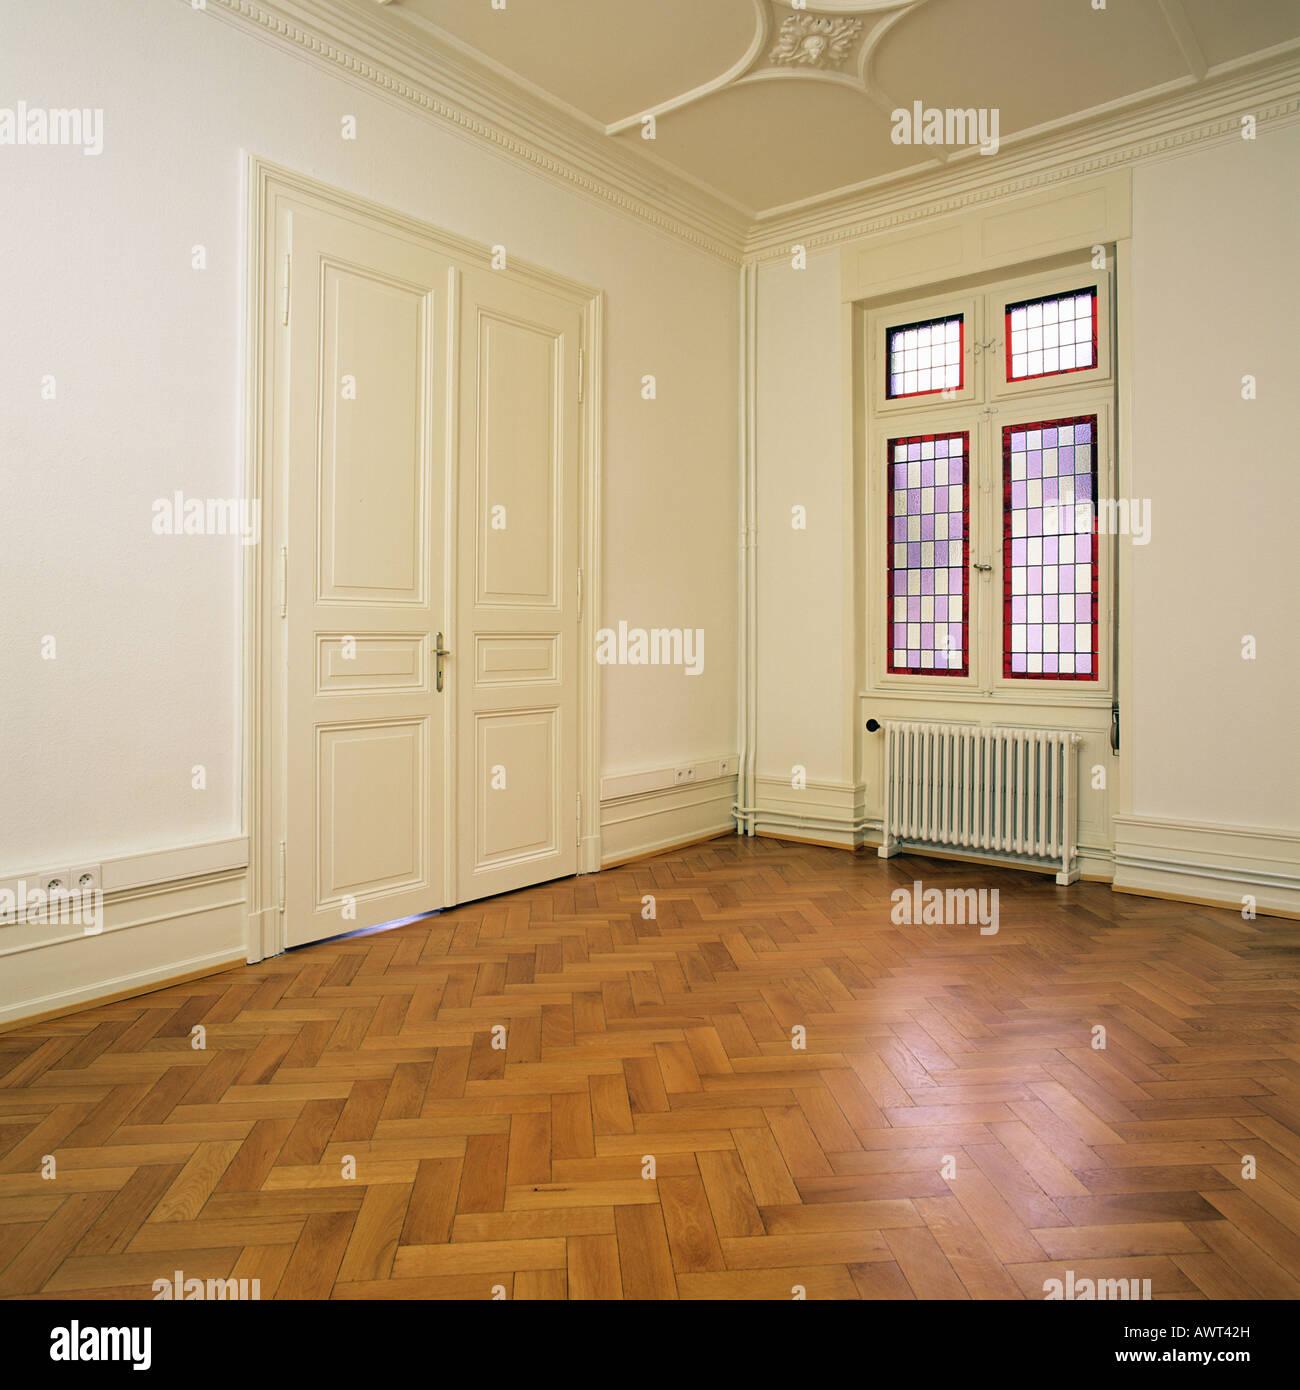 PR EMPTY ROOM WITH OAK WOODEN FLOORING CLOSED DOOR AND A ...